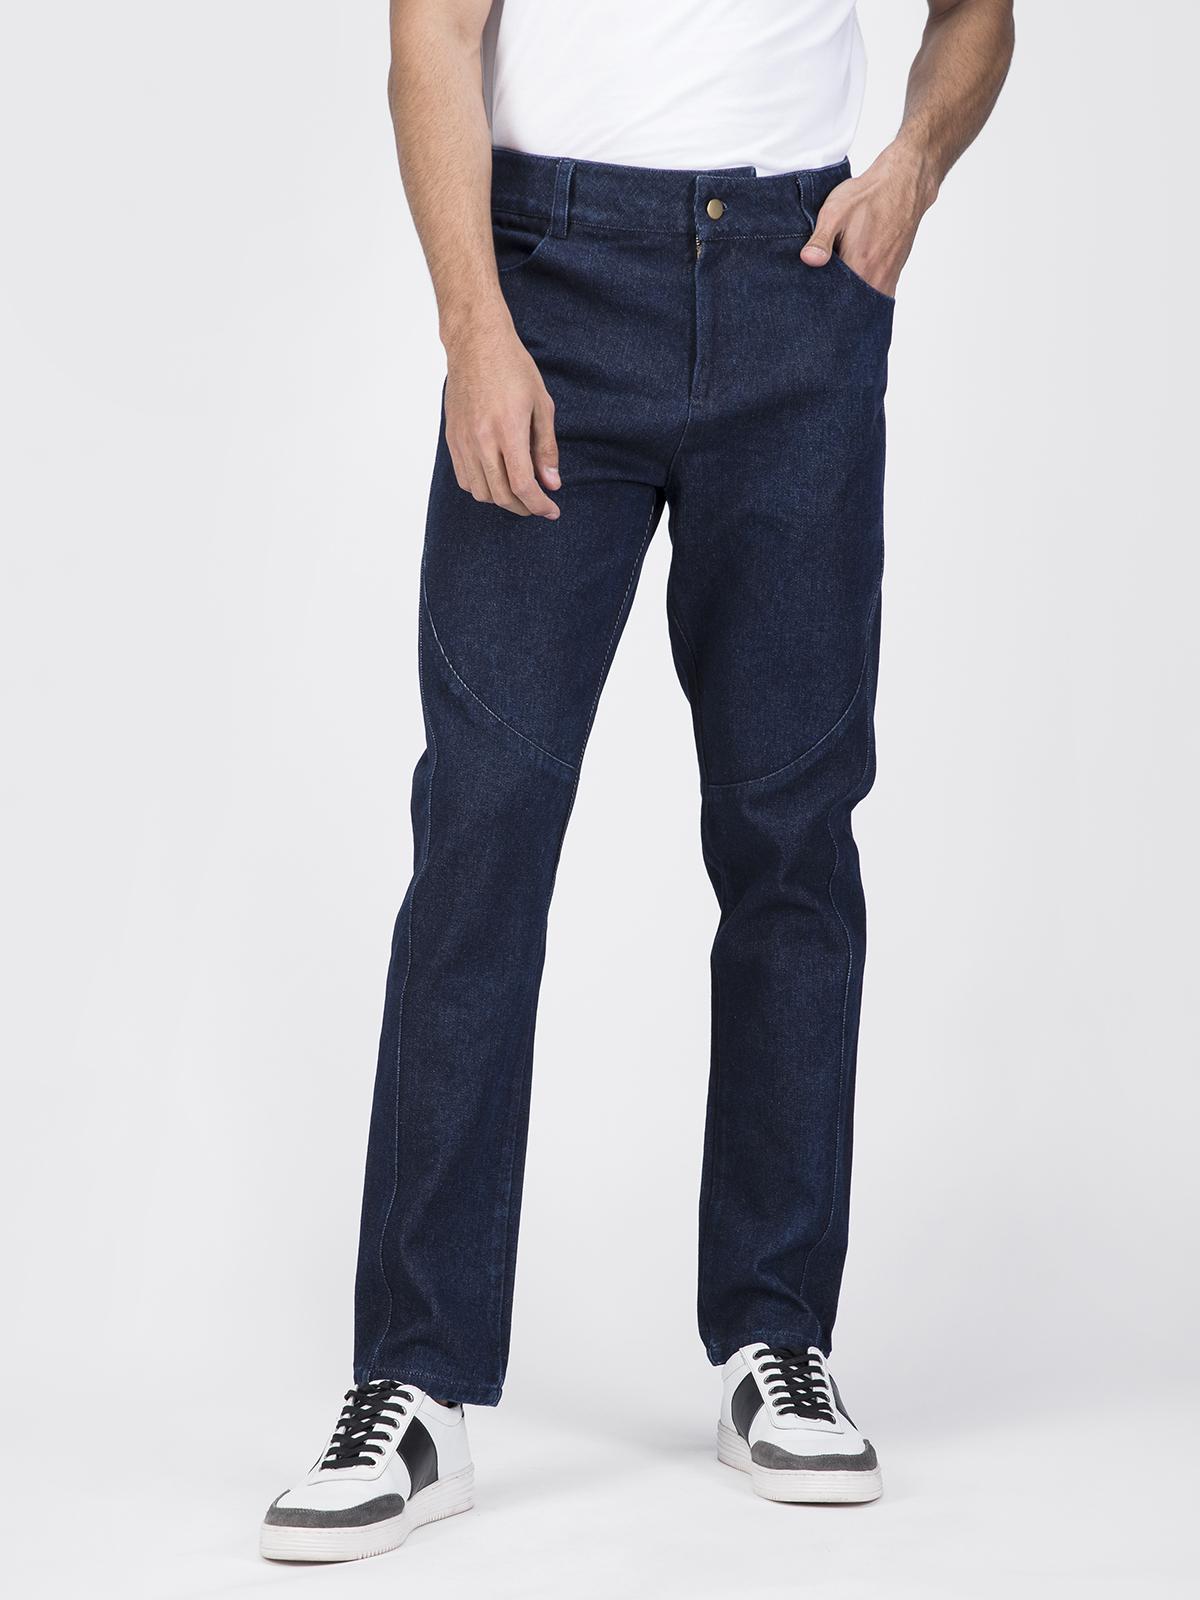 Jodhpur Jeans